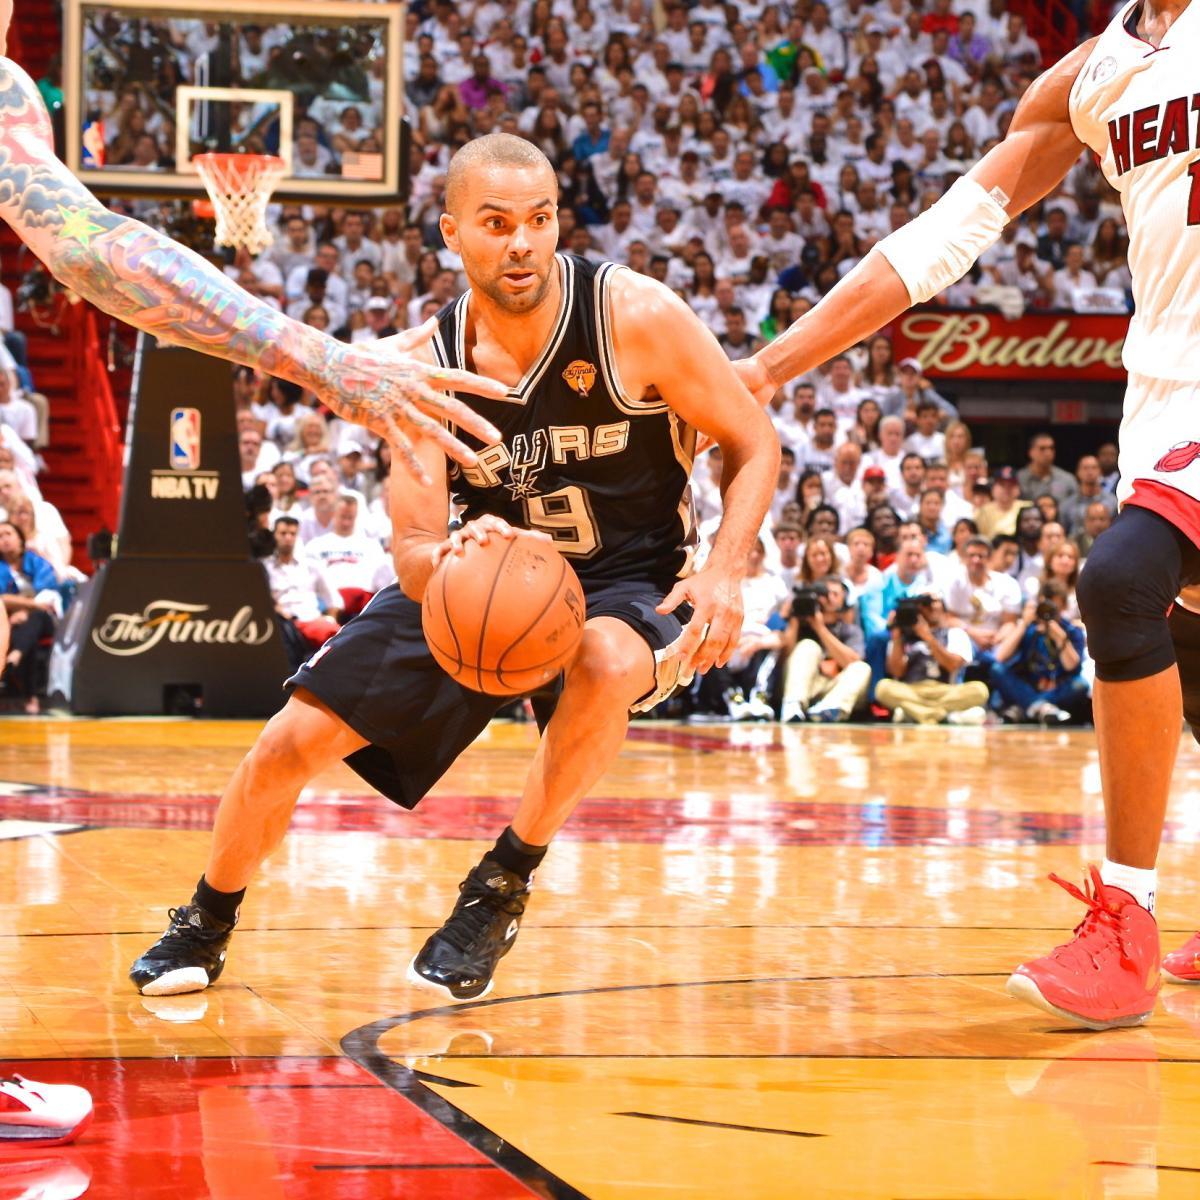 Spurs Vs. Heat Game 1 NBA Finals: Live Score, Highlights